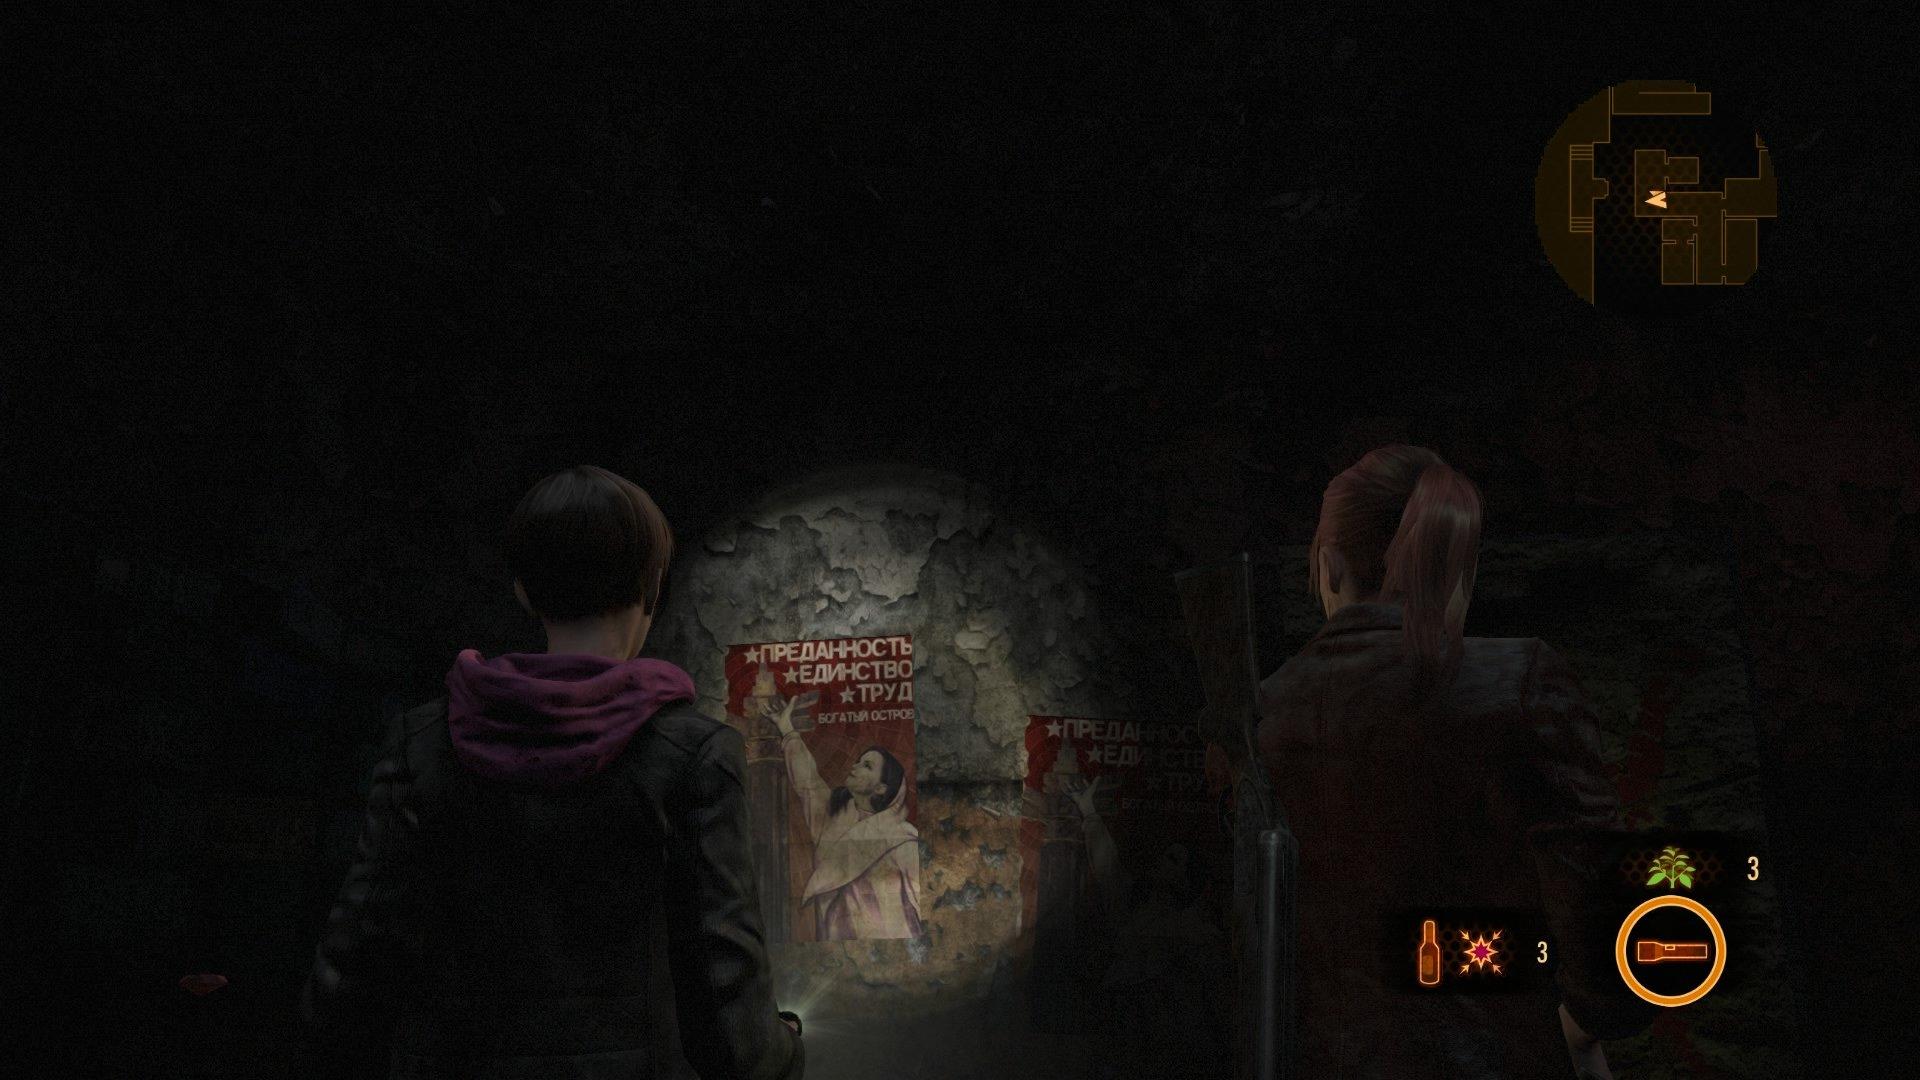 Дегустация Resident Evil: Revelations 2 - Опохмелитесь, помойте руки и в столовую! - Изображение 4